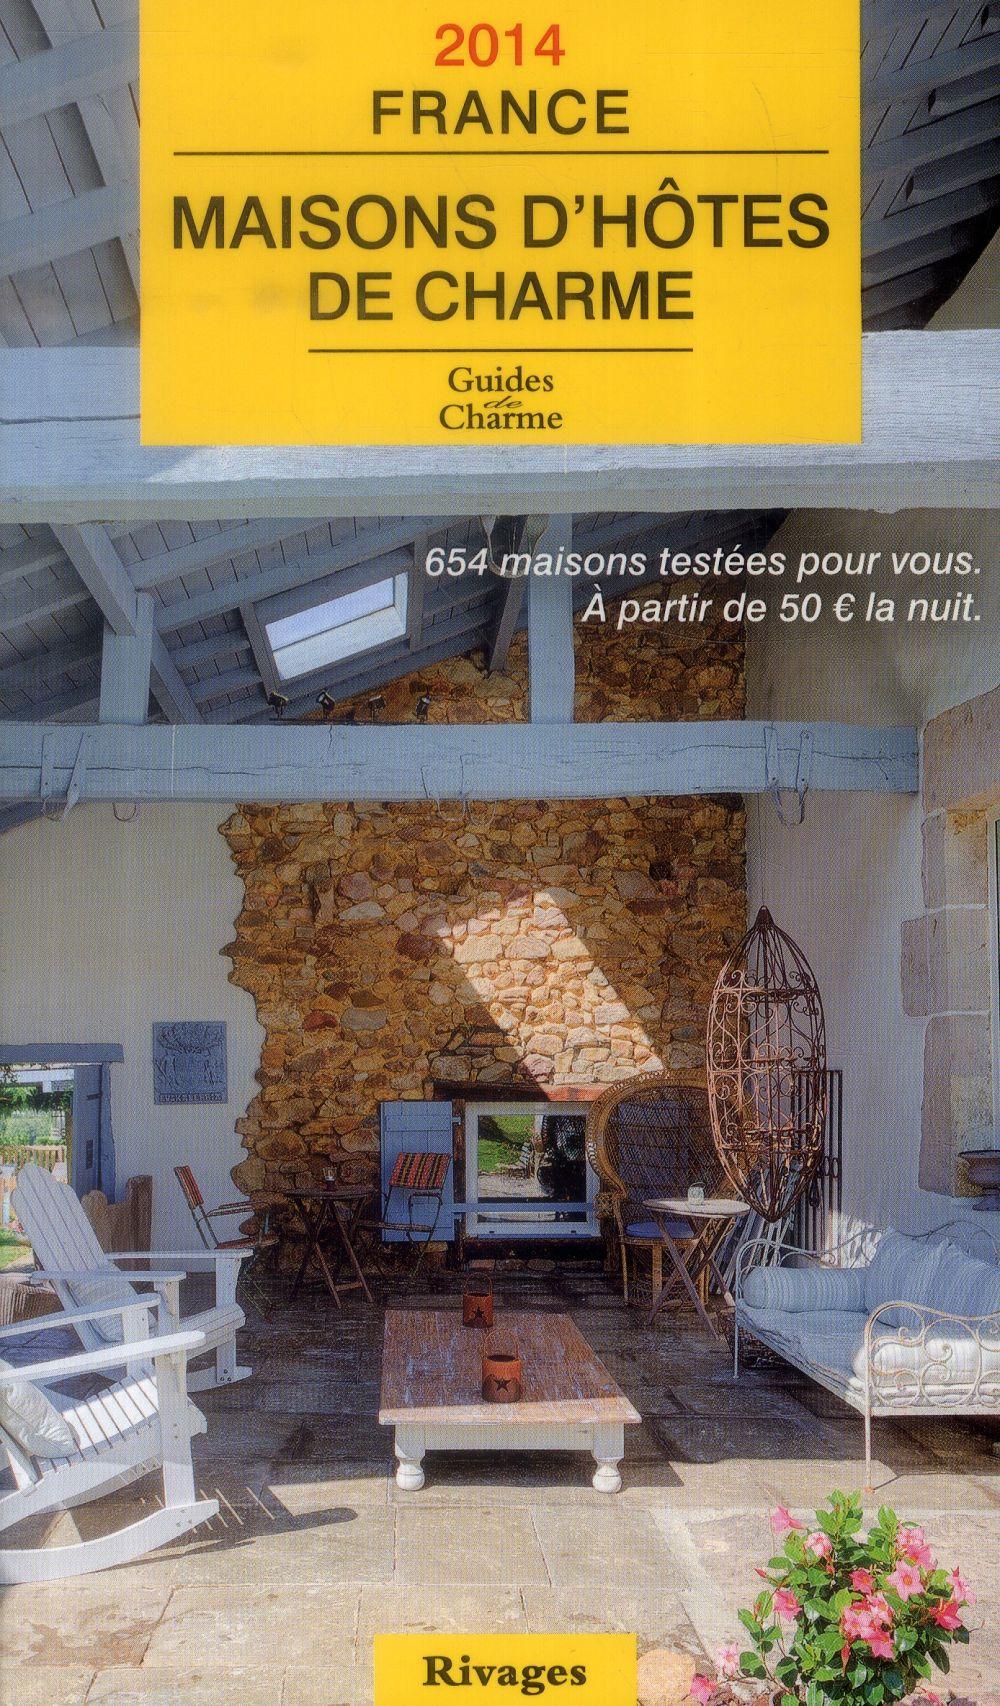 GUIDE 2014 MAISONS D'HOTES DE CHARME EN FRANCE